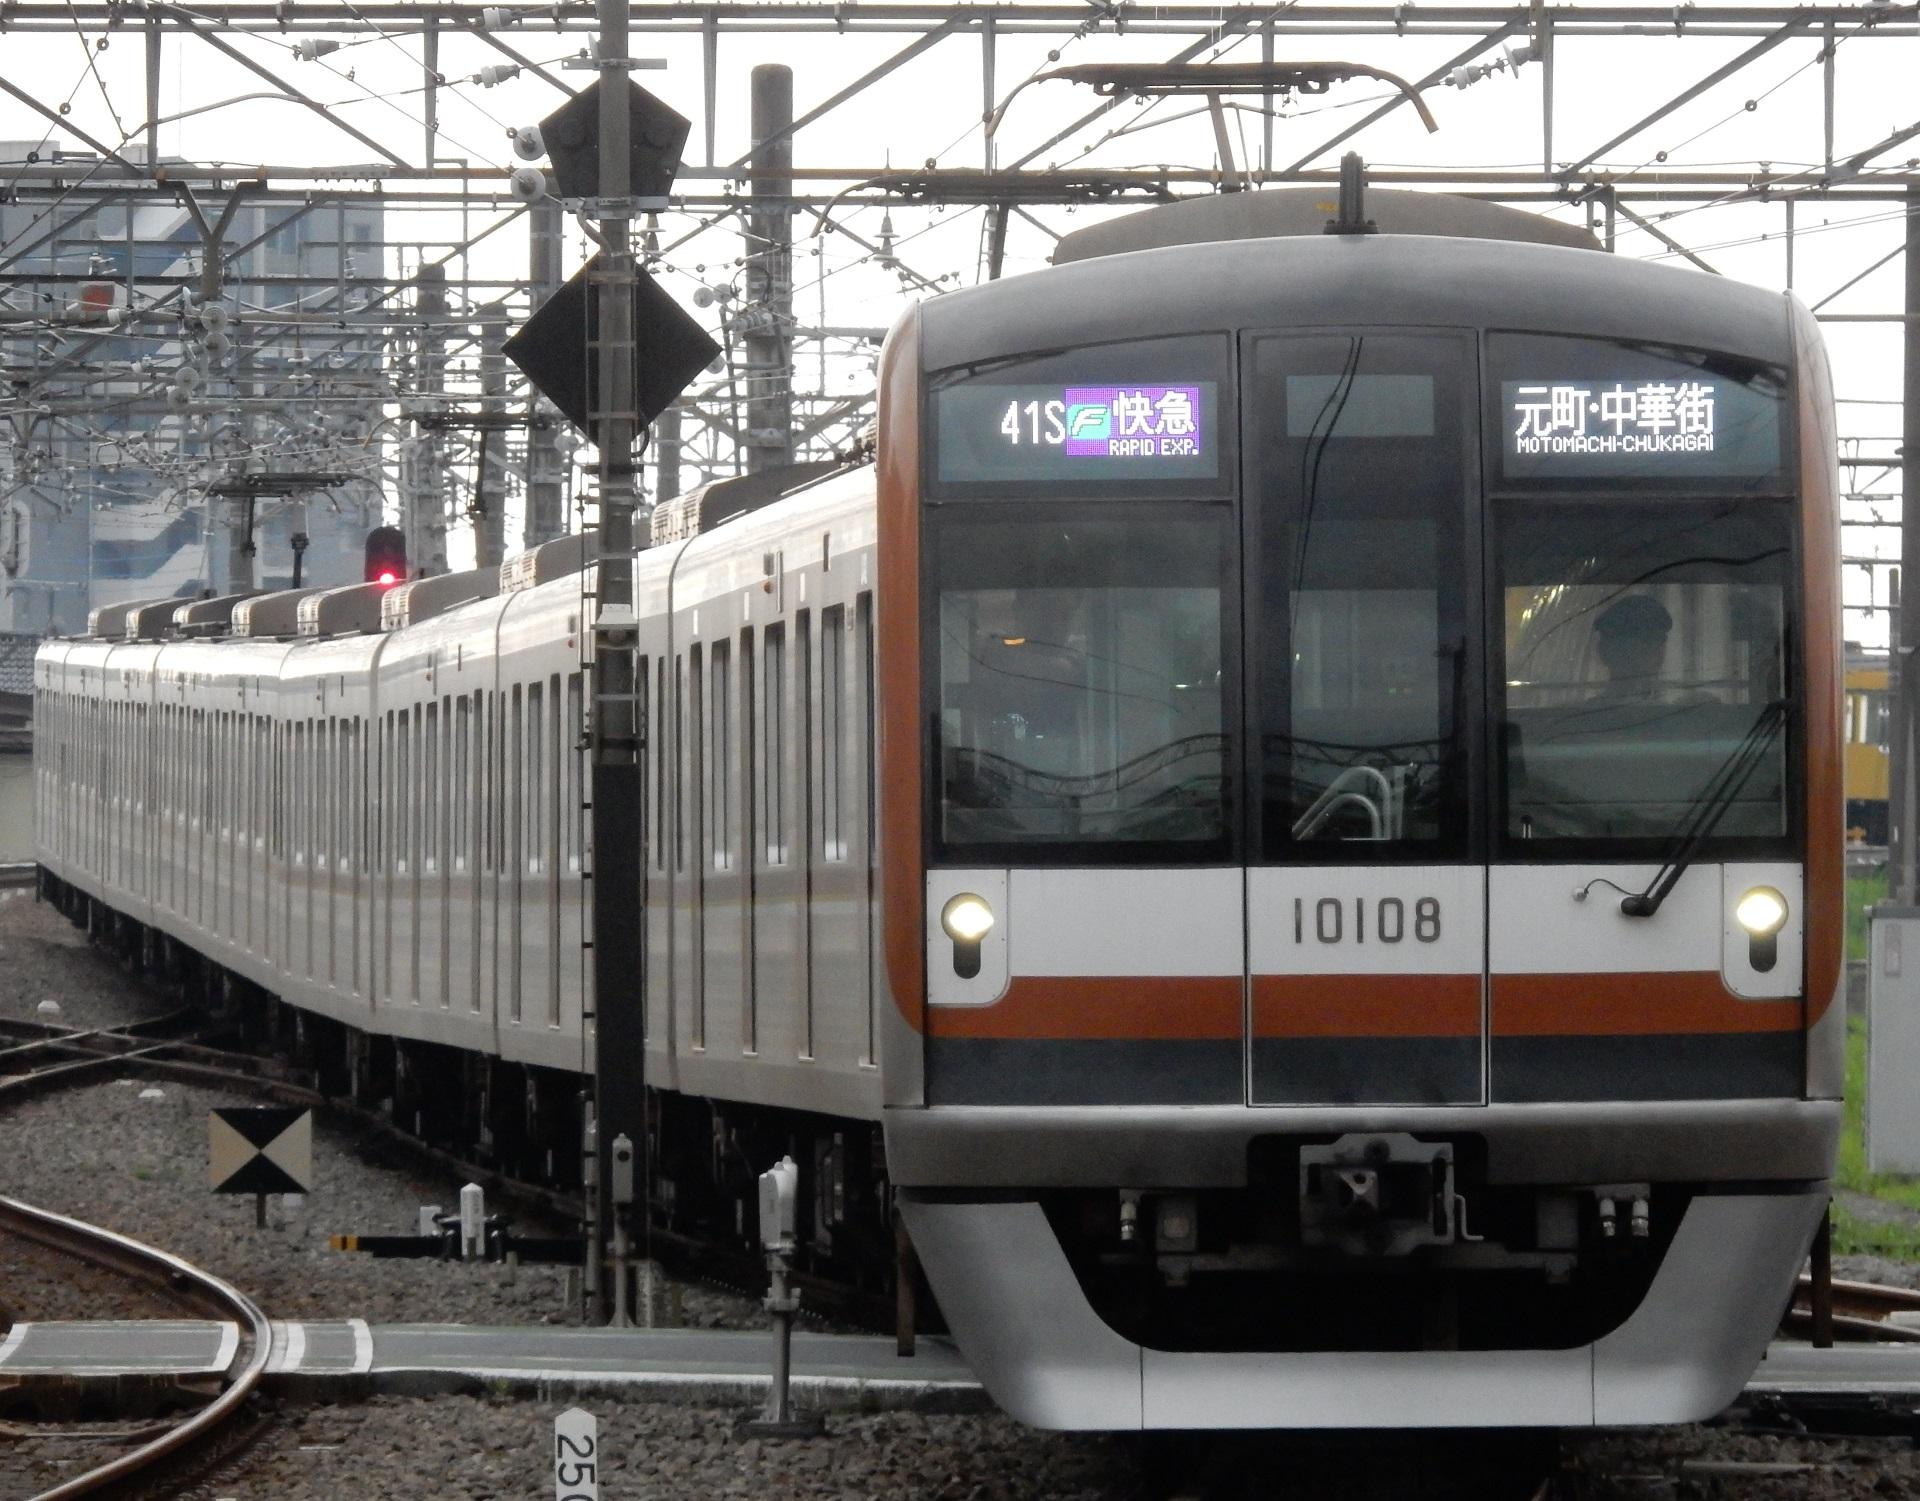 DSCN2985 - コピー